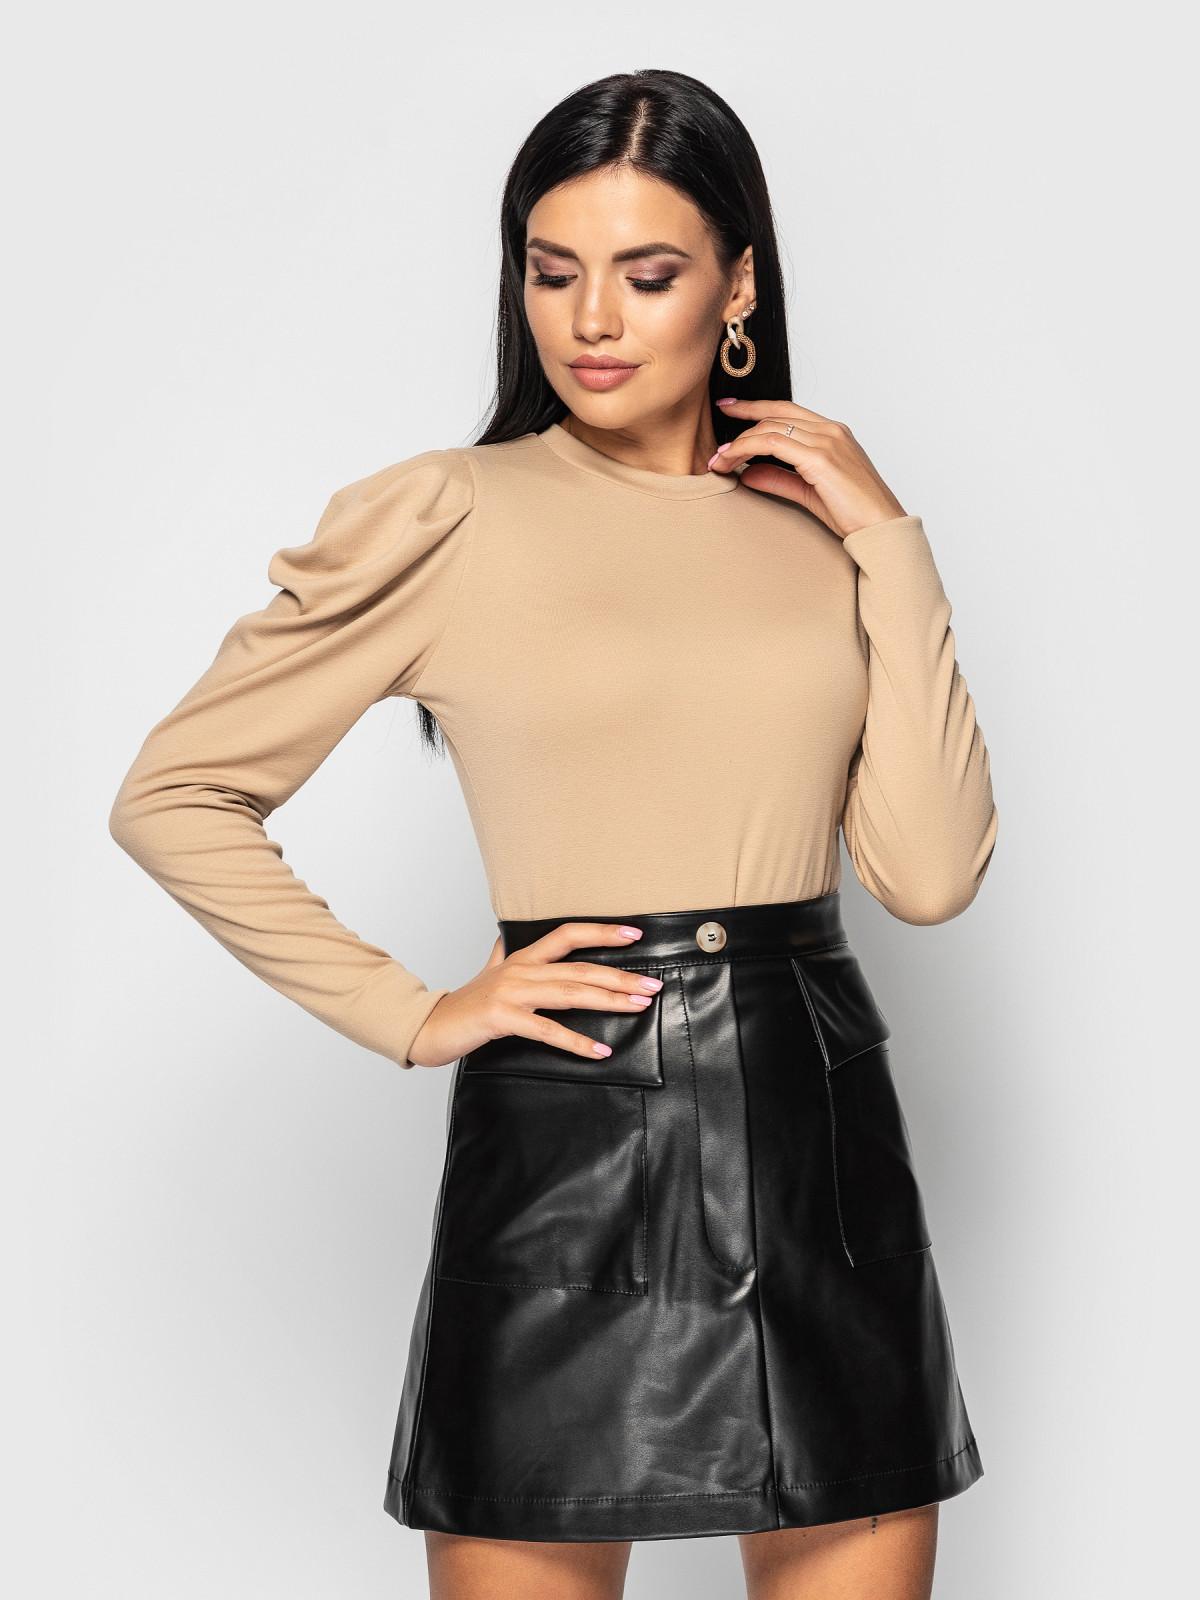 Комплект юбка с гольфом Palmira Черный-бежевый